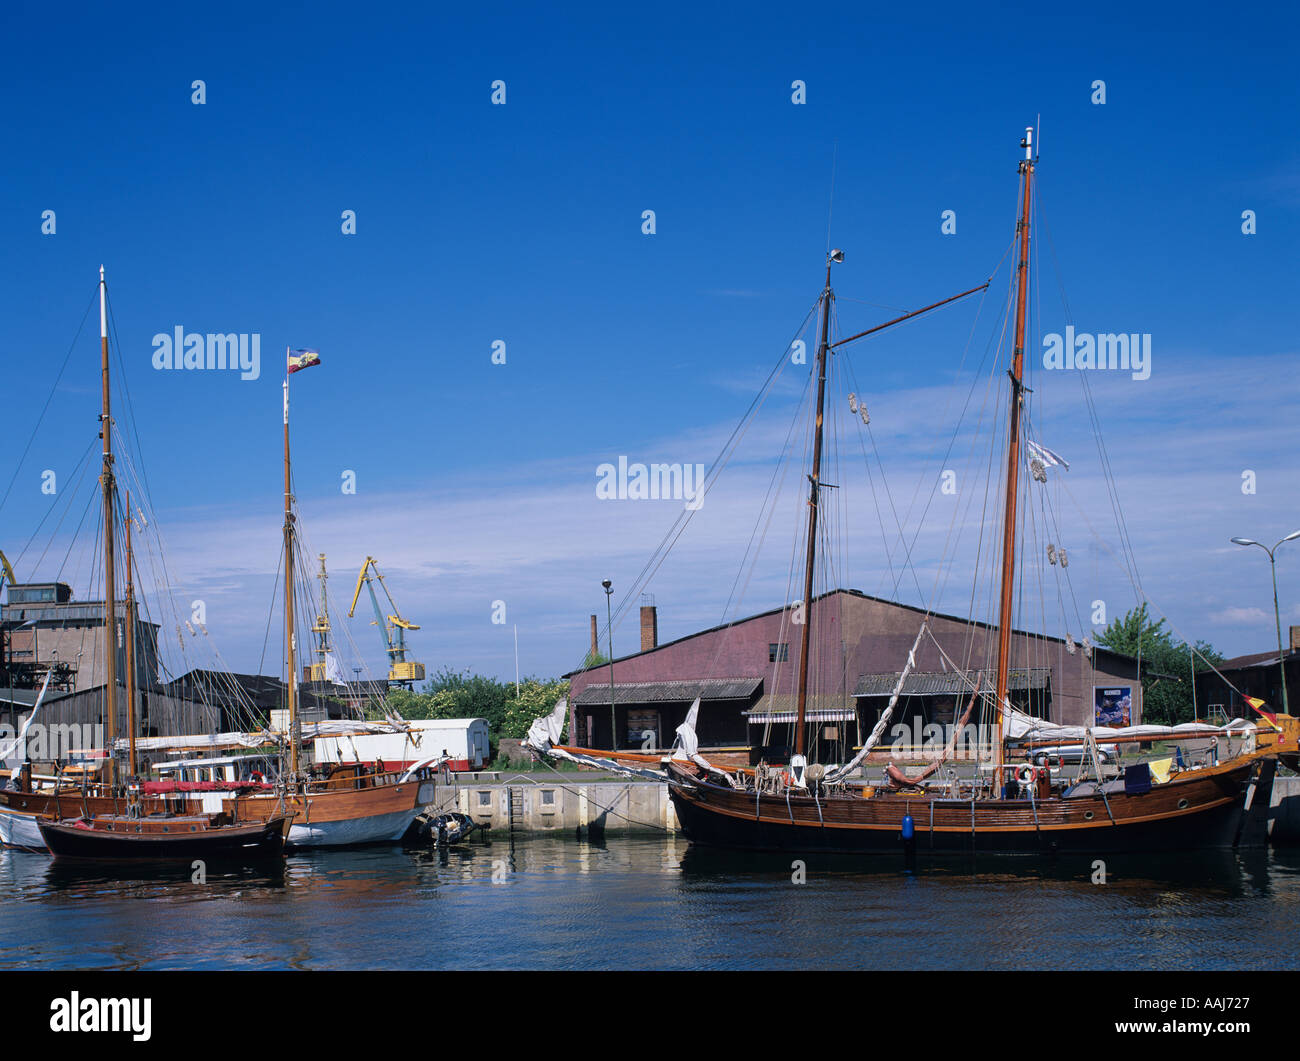 Europa Europe Germany Deutschland Wismar Mecklenburg Vorpommern  Mecklenburg Western Pomerania Hafen Harbour Stock Photo